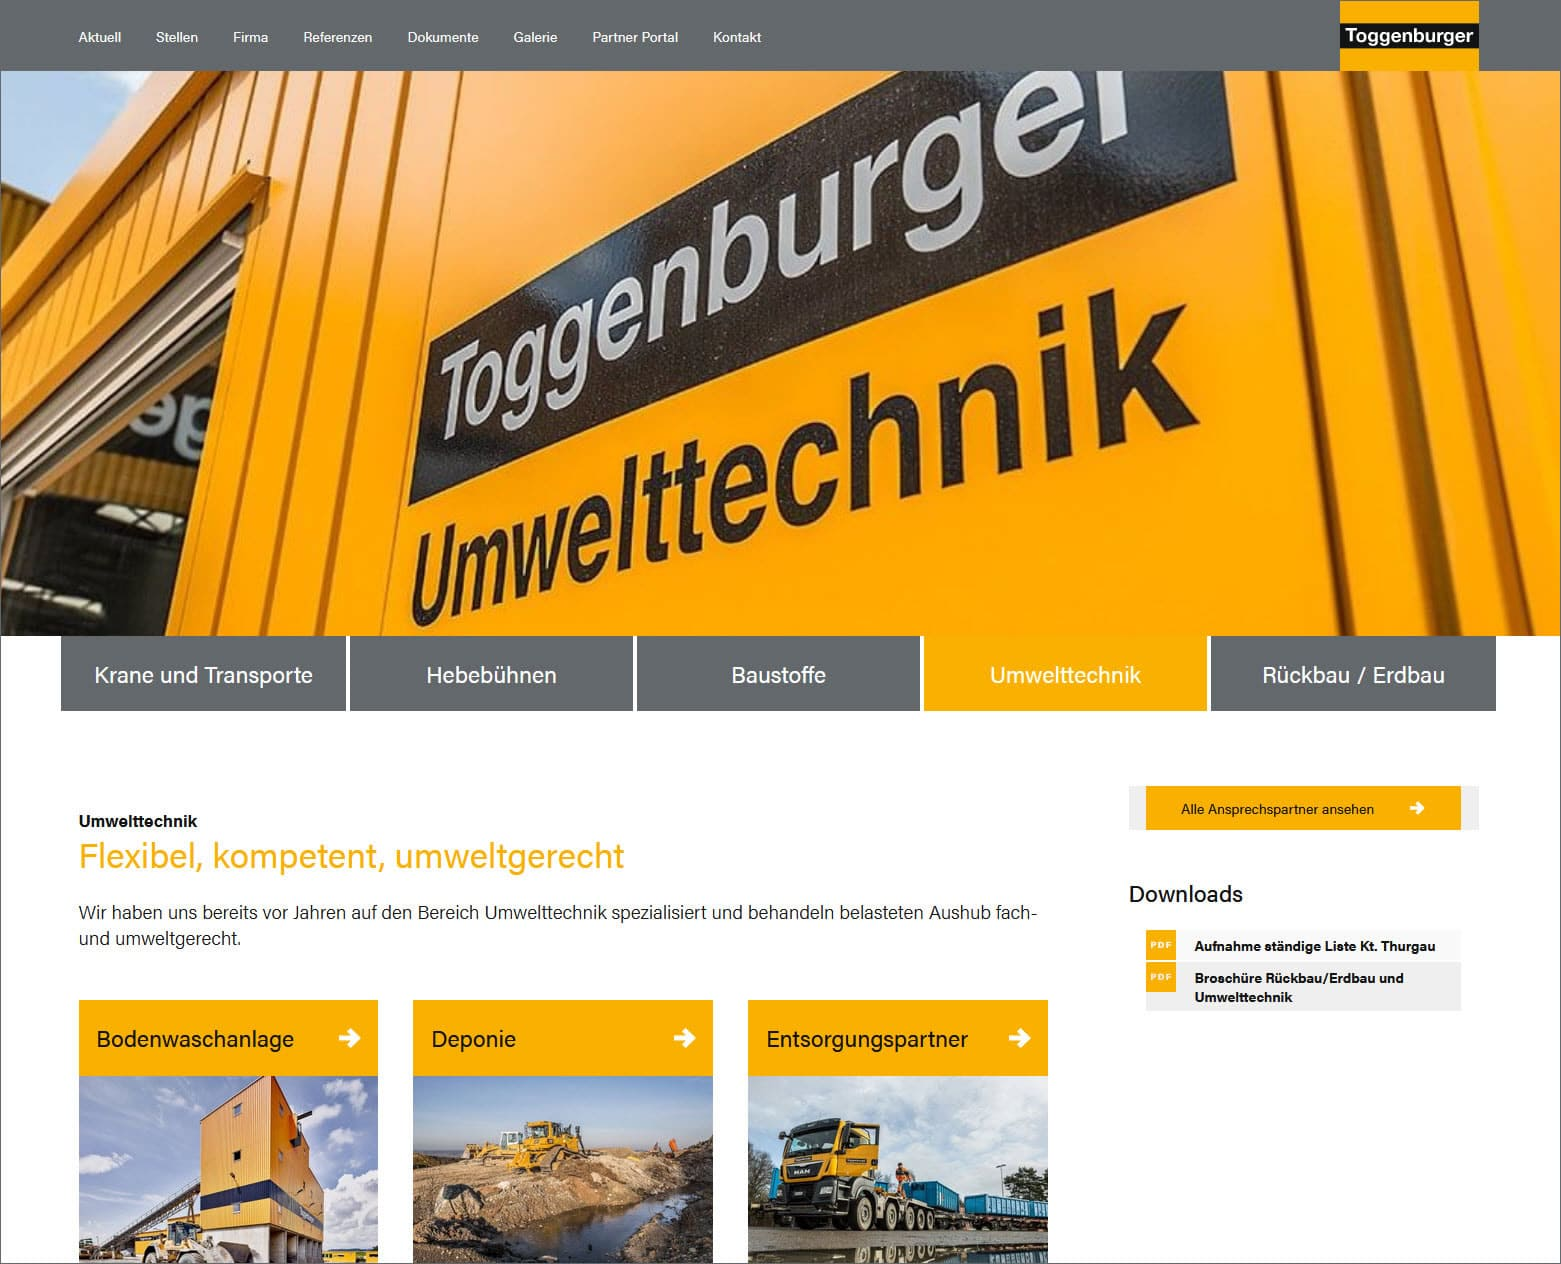 Toggenburger.ch: Umwelttechnik Flexibel, kompetent, umweltgerecht